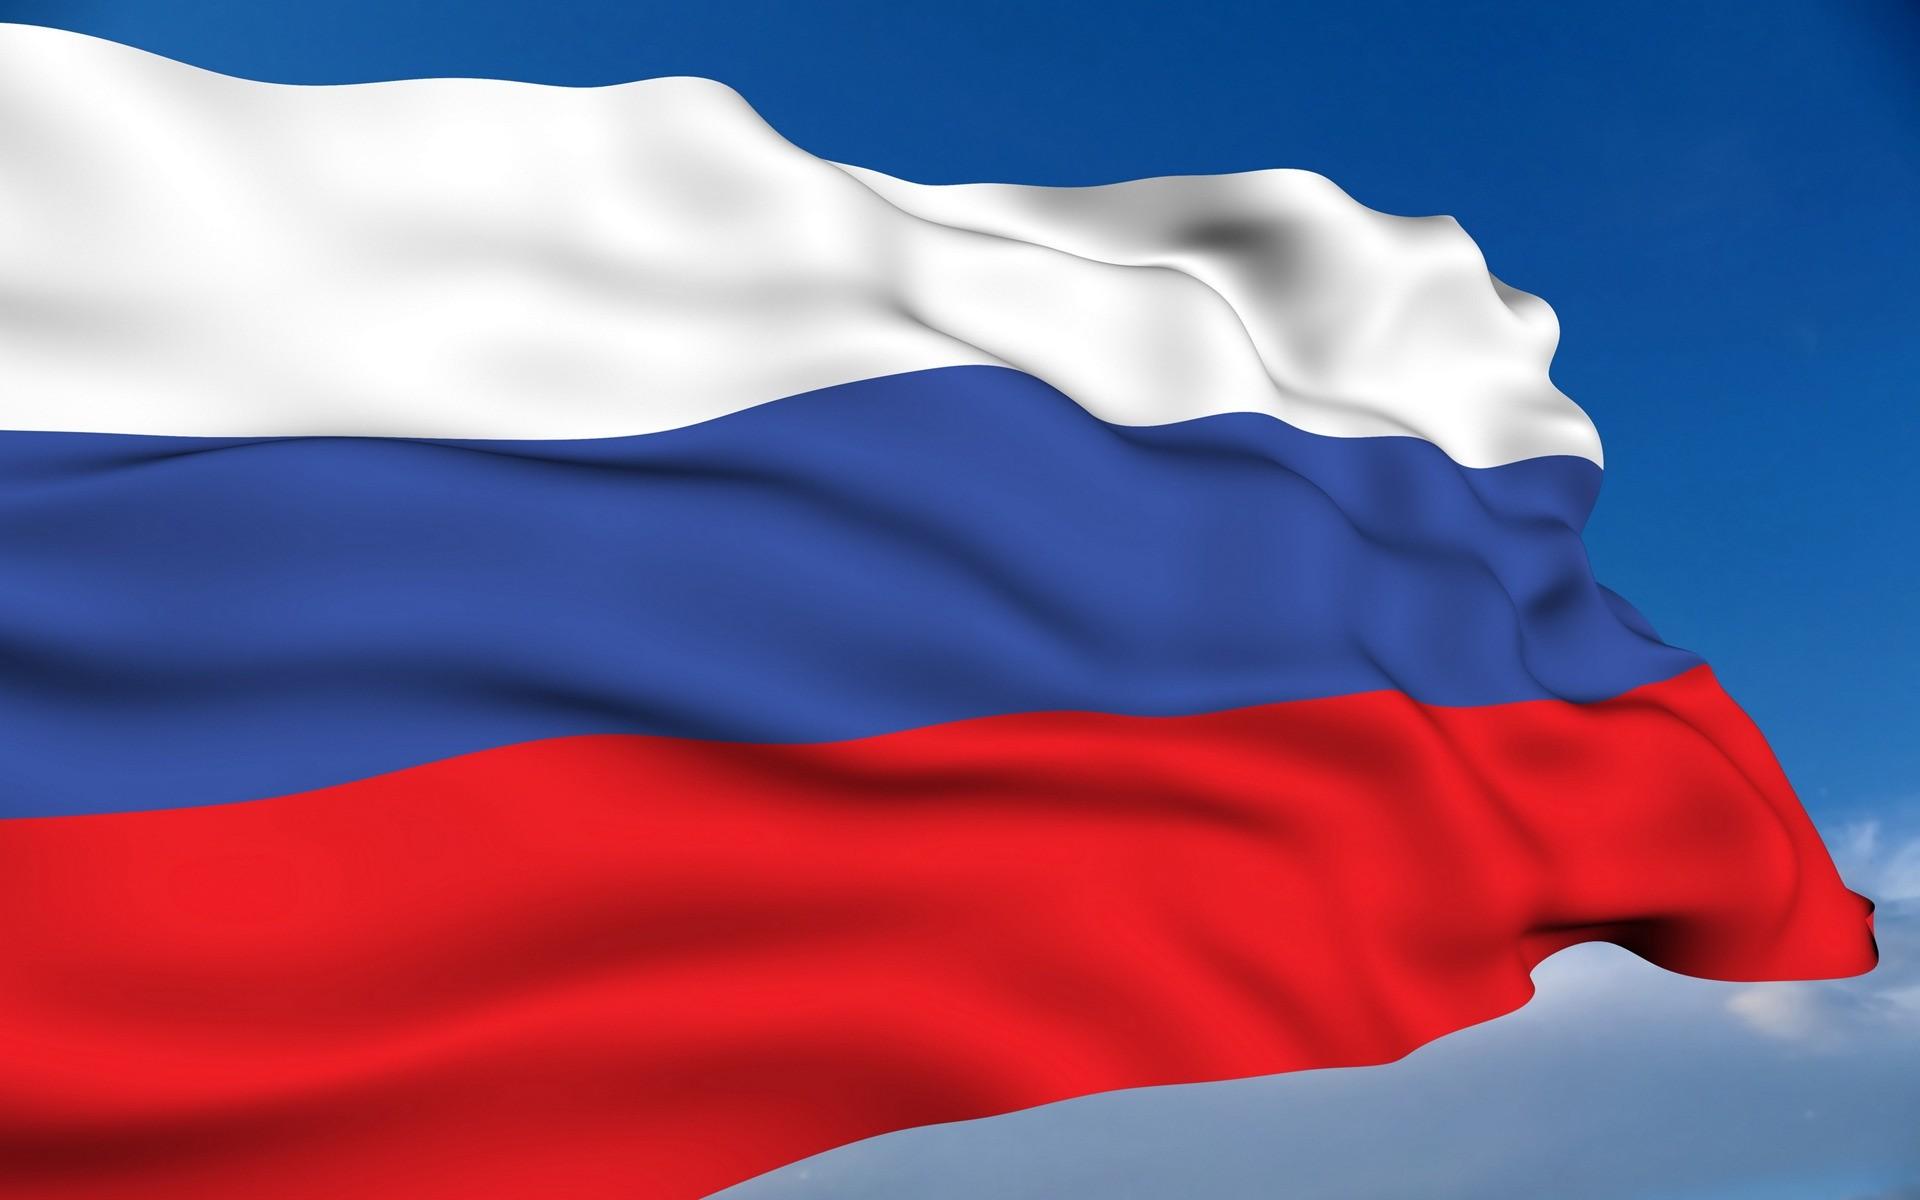 В Книгу Гиннесса из-за санкций не внесли новый рекорд РФ